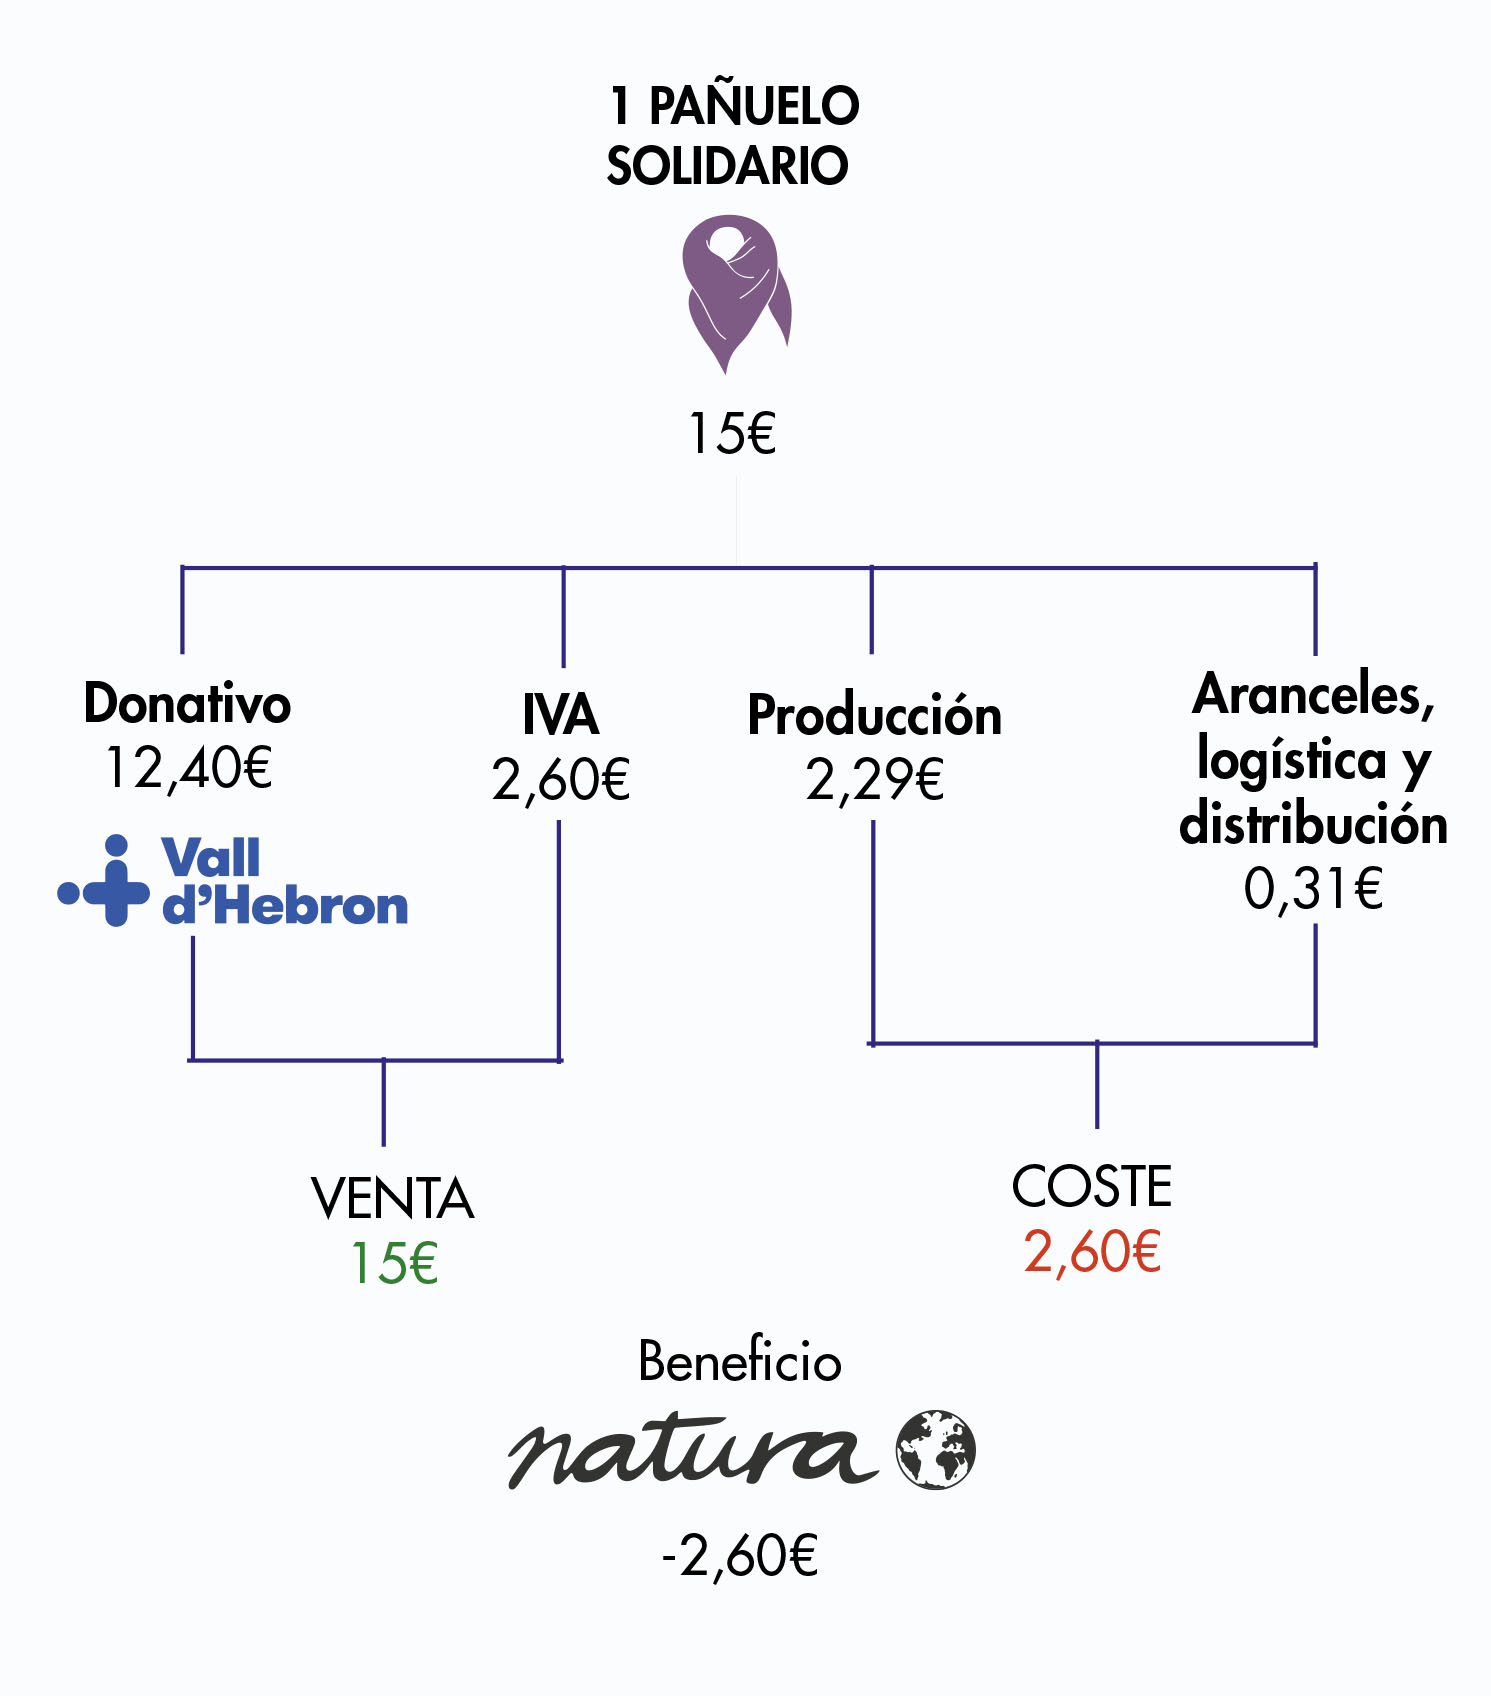 PAÑUELO CONTRA EL CÁNCER DE LA MUJER 3ª ed.